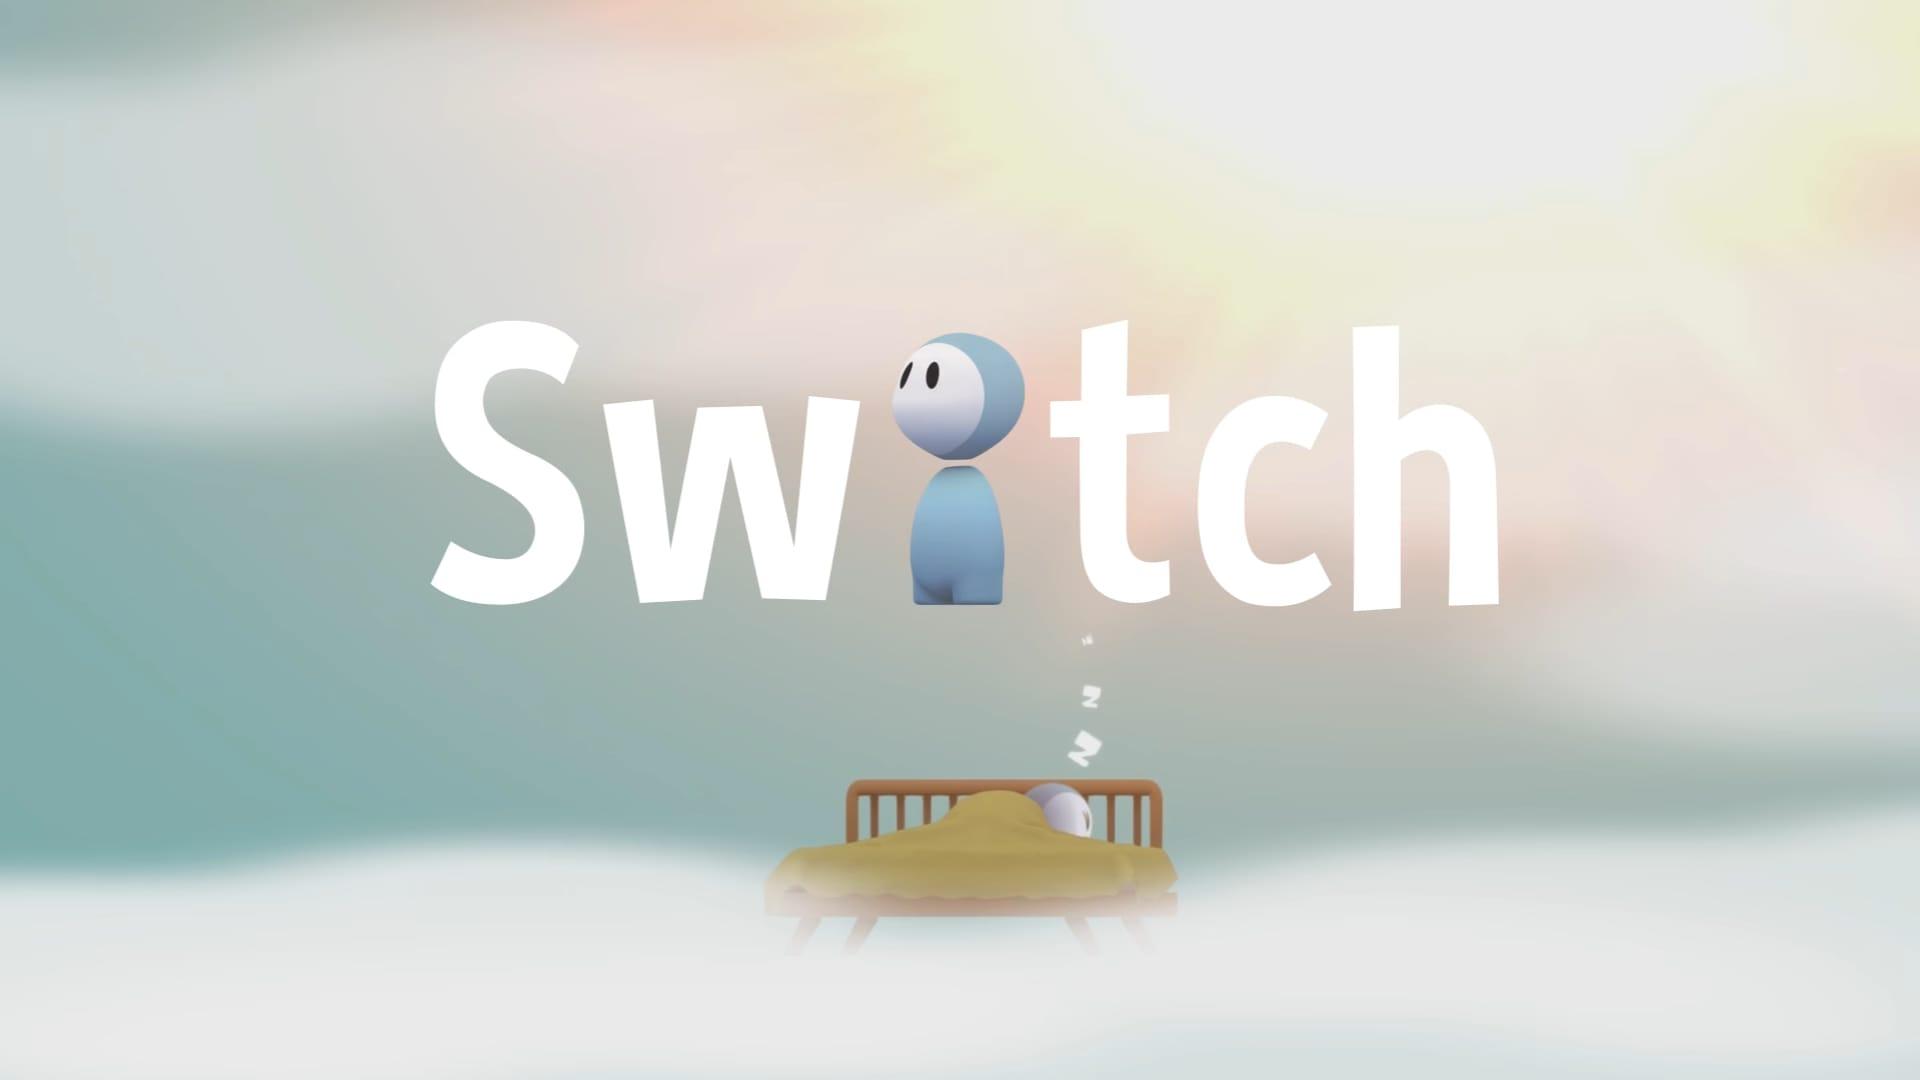 Switch kommer till pc!